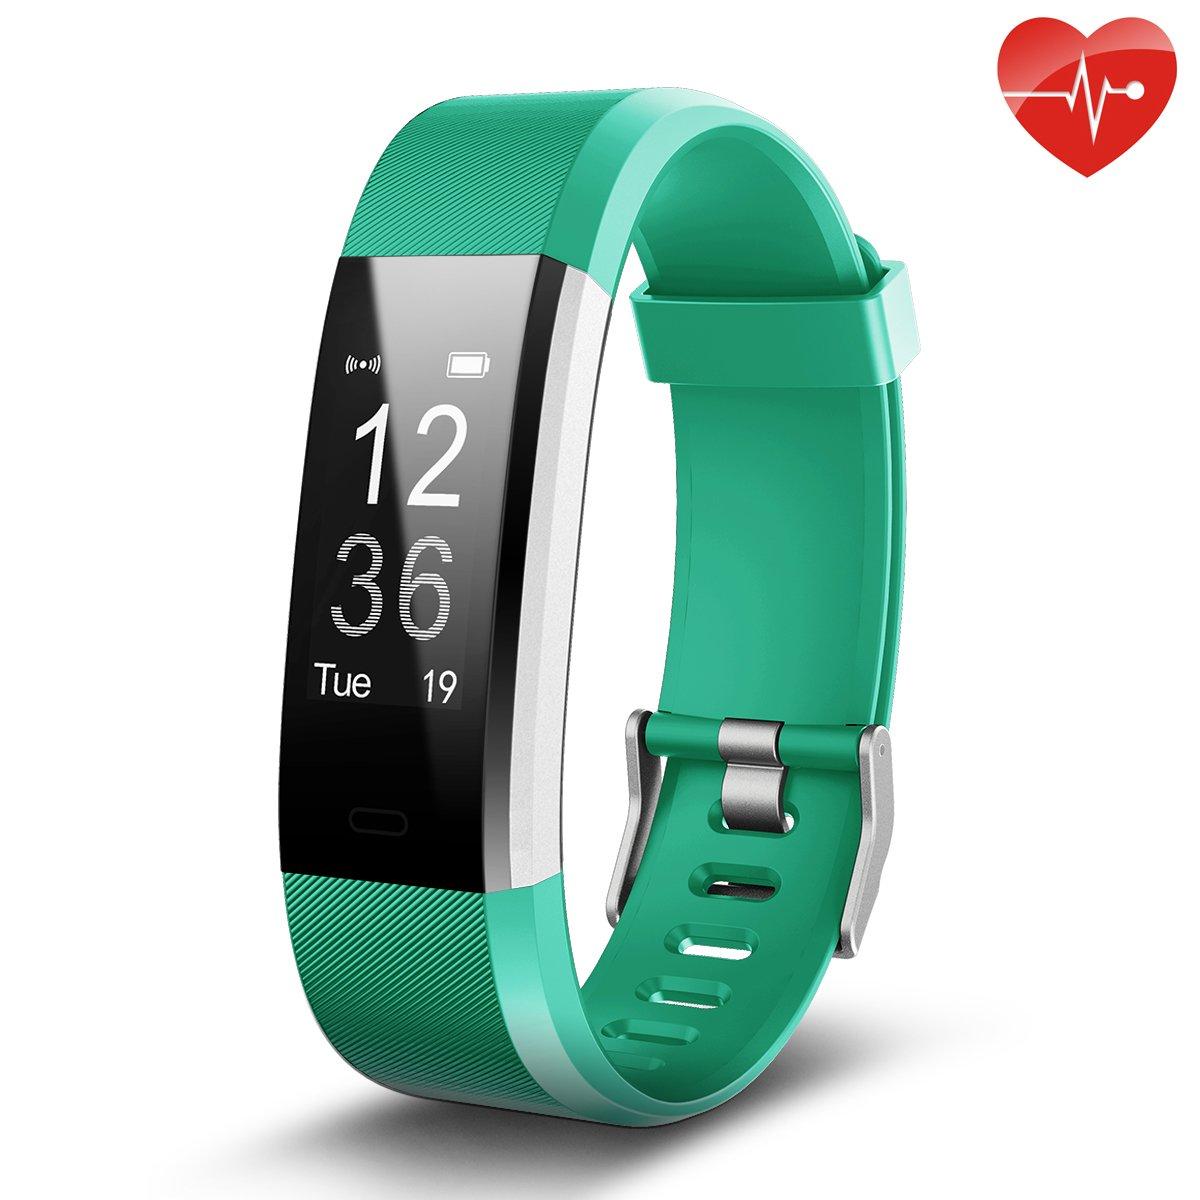 Juboury Fitness Tracker, Smart Bracelet mit Pulsmesser Herzfrequenzmesser,Aktivitä tstracker,Schrittzä hler,SchlafMonitor,Kalorienzä hler Fitness Uhr fü r Android und IOS Smartphones(Schwarz) KEDA ID115P blk de